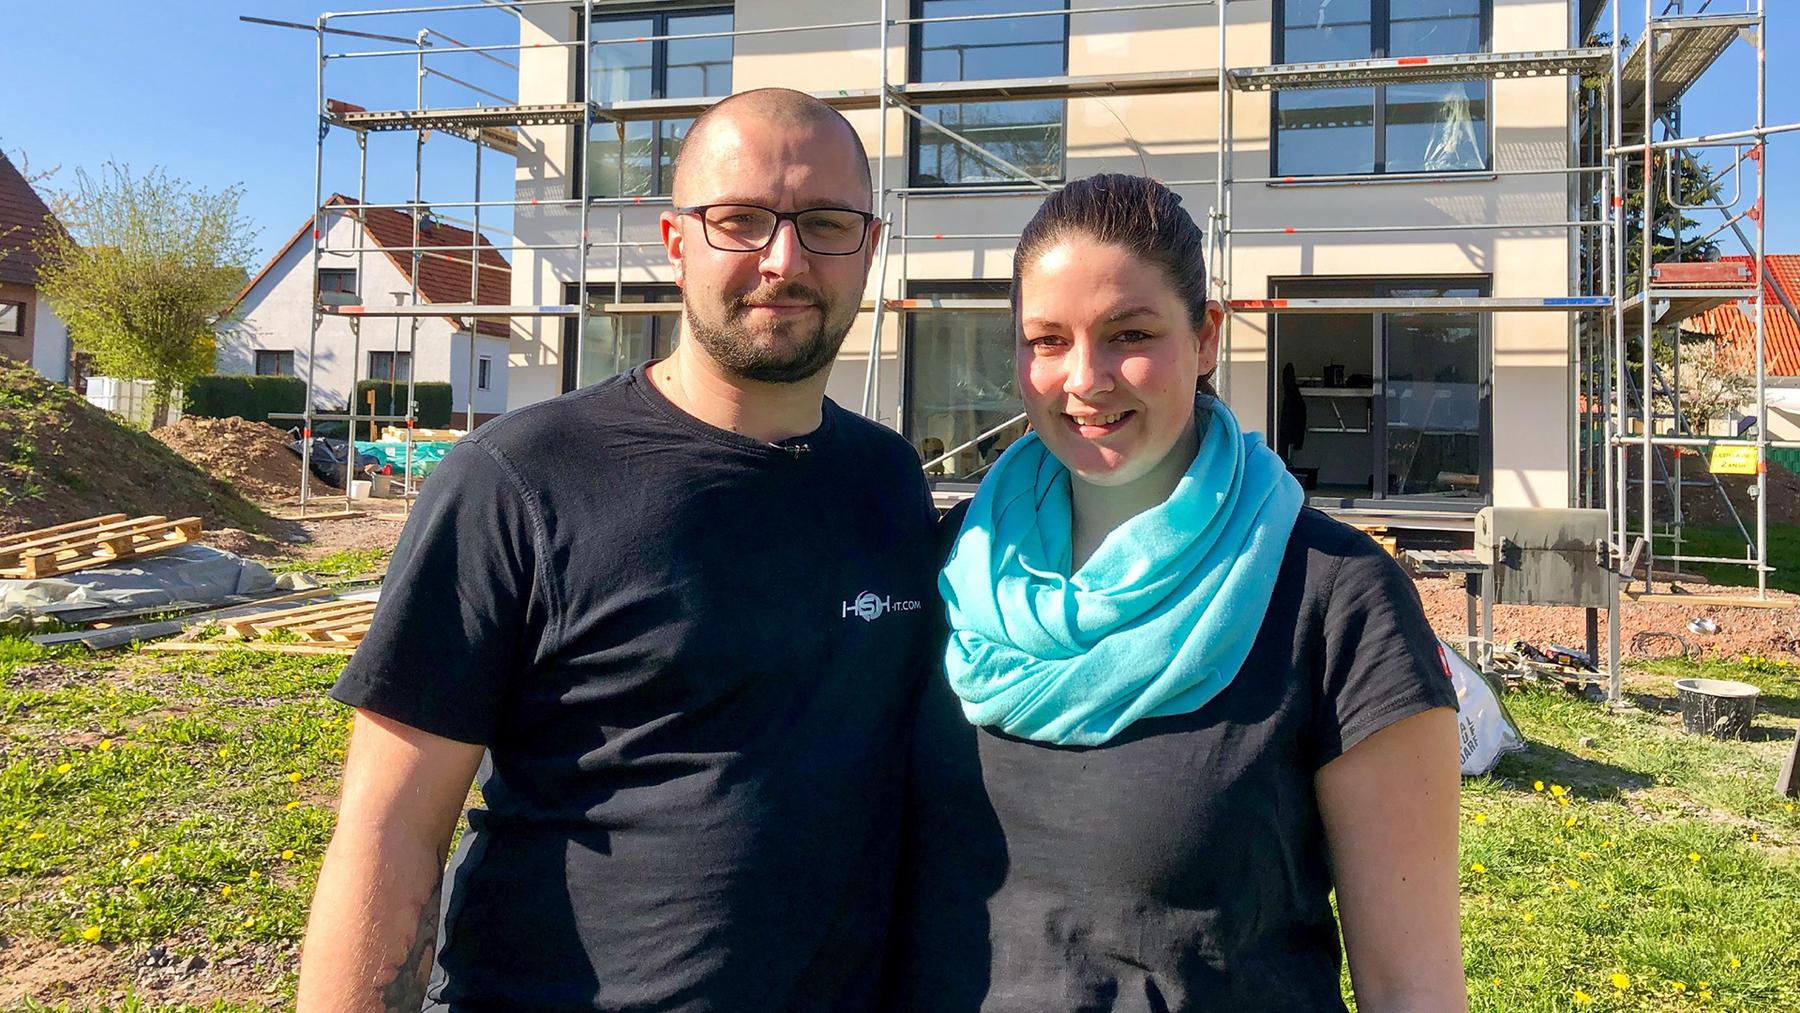 Heute u.a.: Ulrike und Simon und ihr Fertighaus! | Folge 3